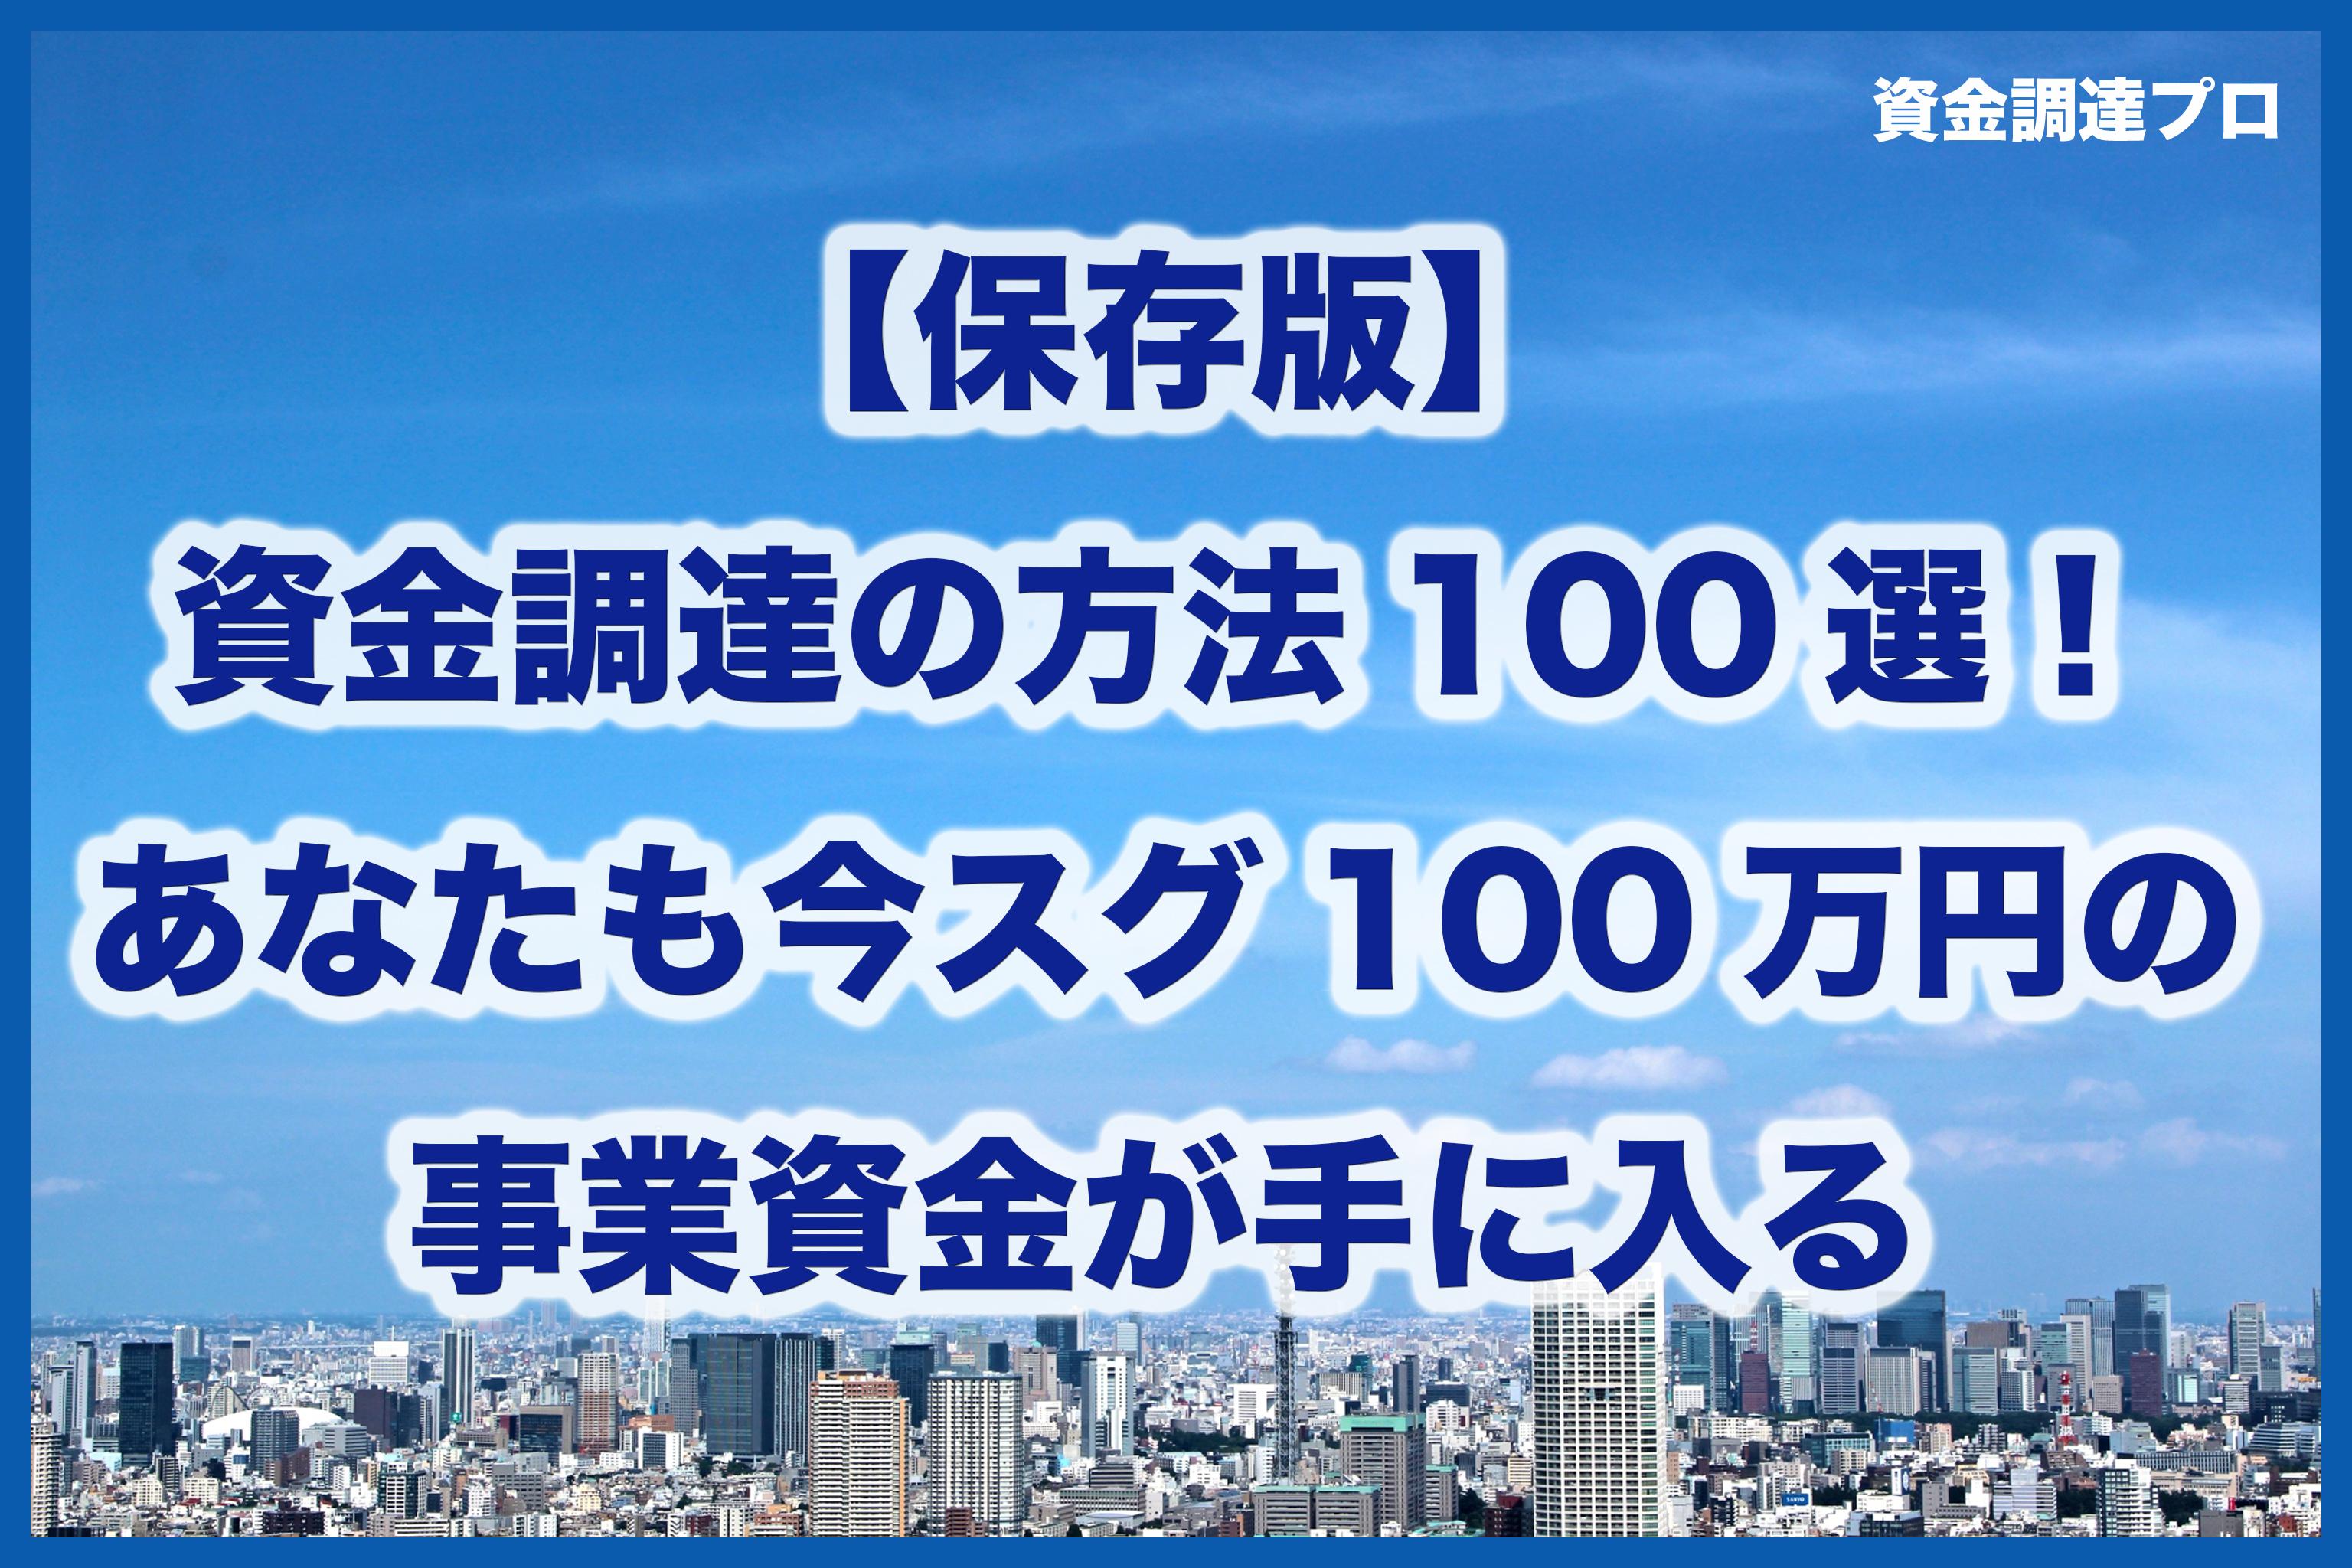 【保存版】資金調達の方法100選!あなたも今スグ100万円の事業資金が手に入る